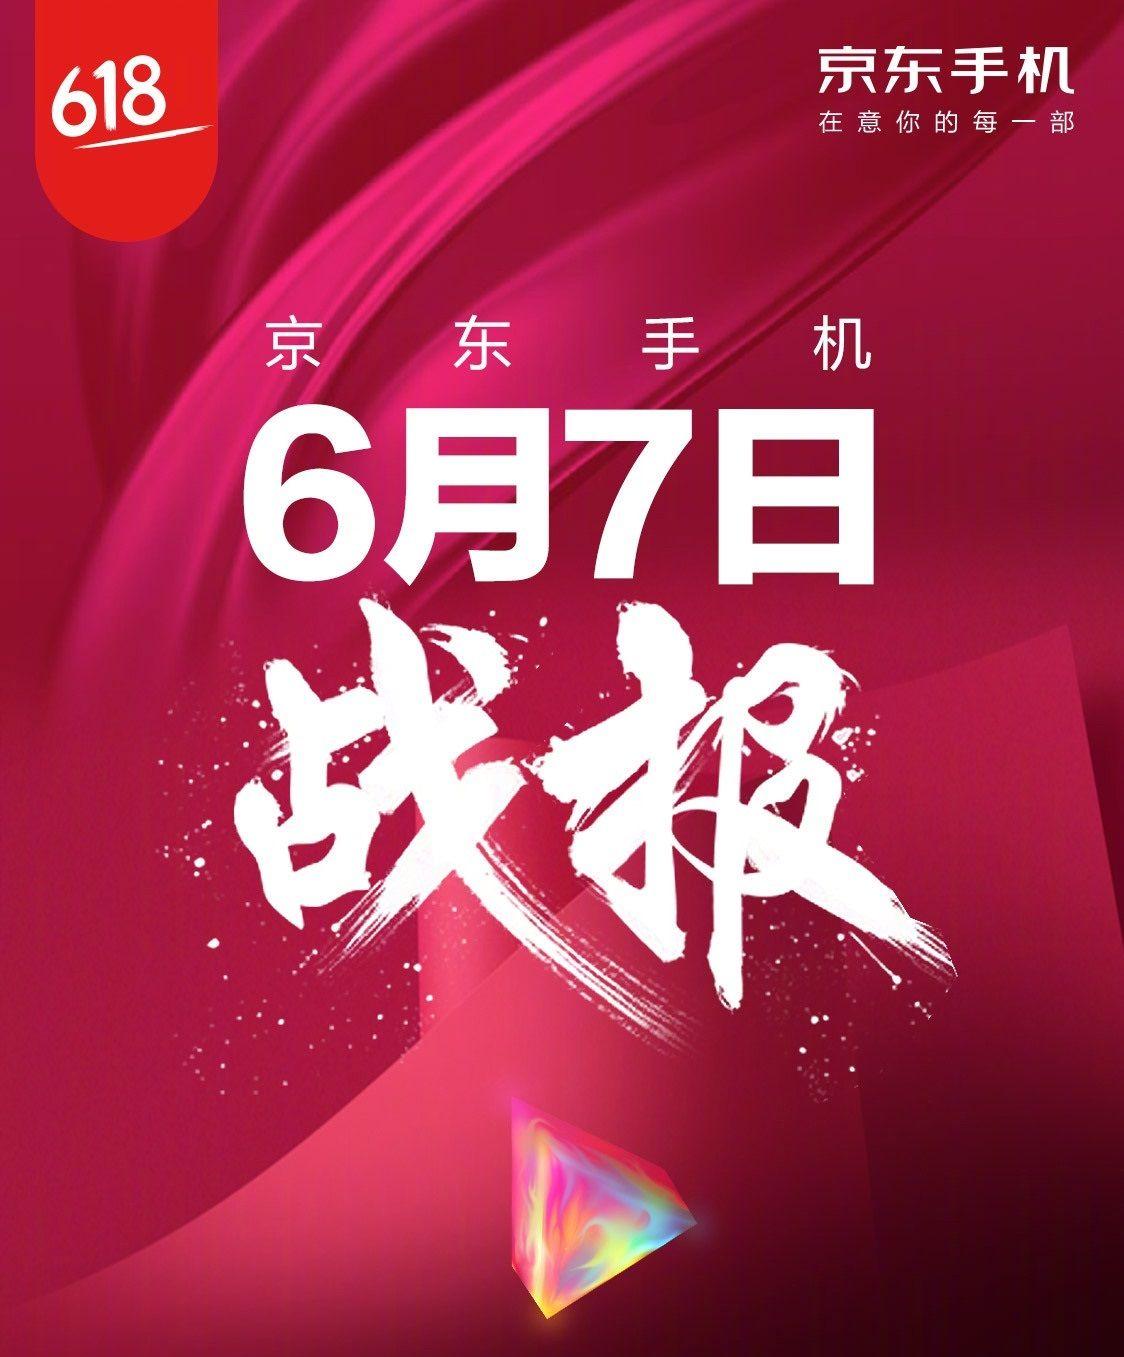 京東の「京東618(創業記念)セール」の7日目のランキングが公開。販売台数TOPはhonor